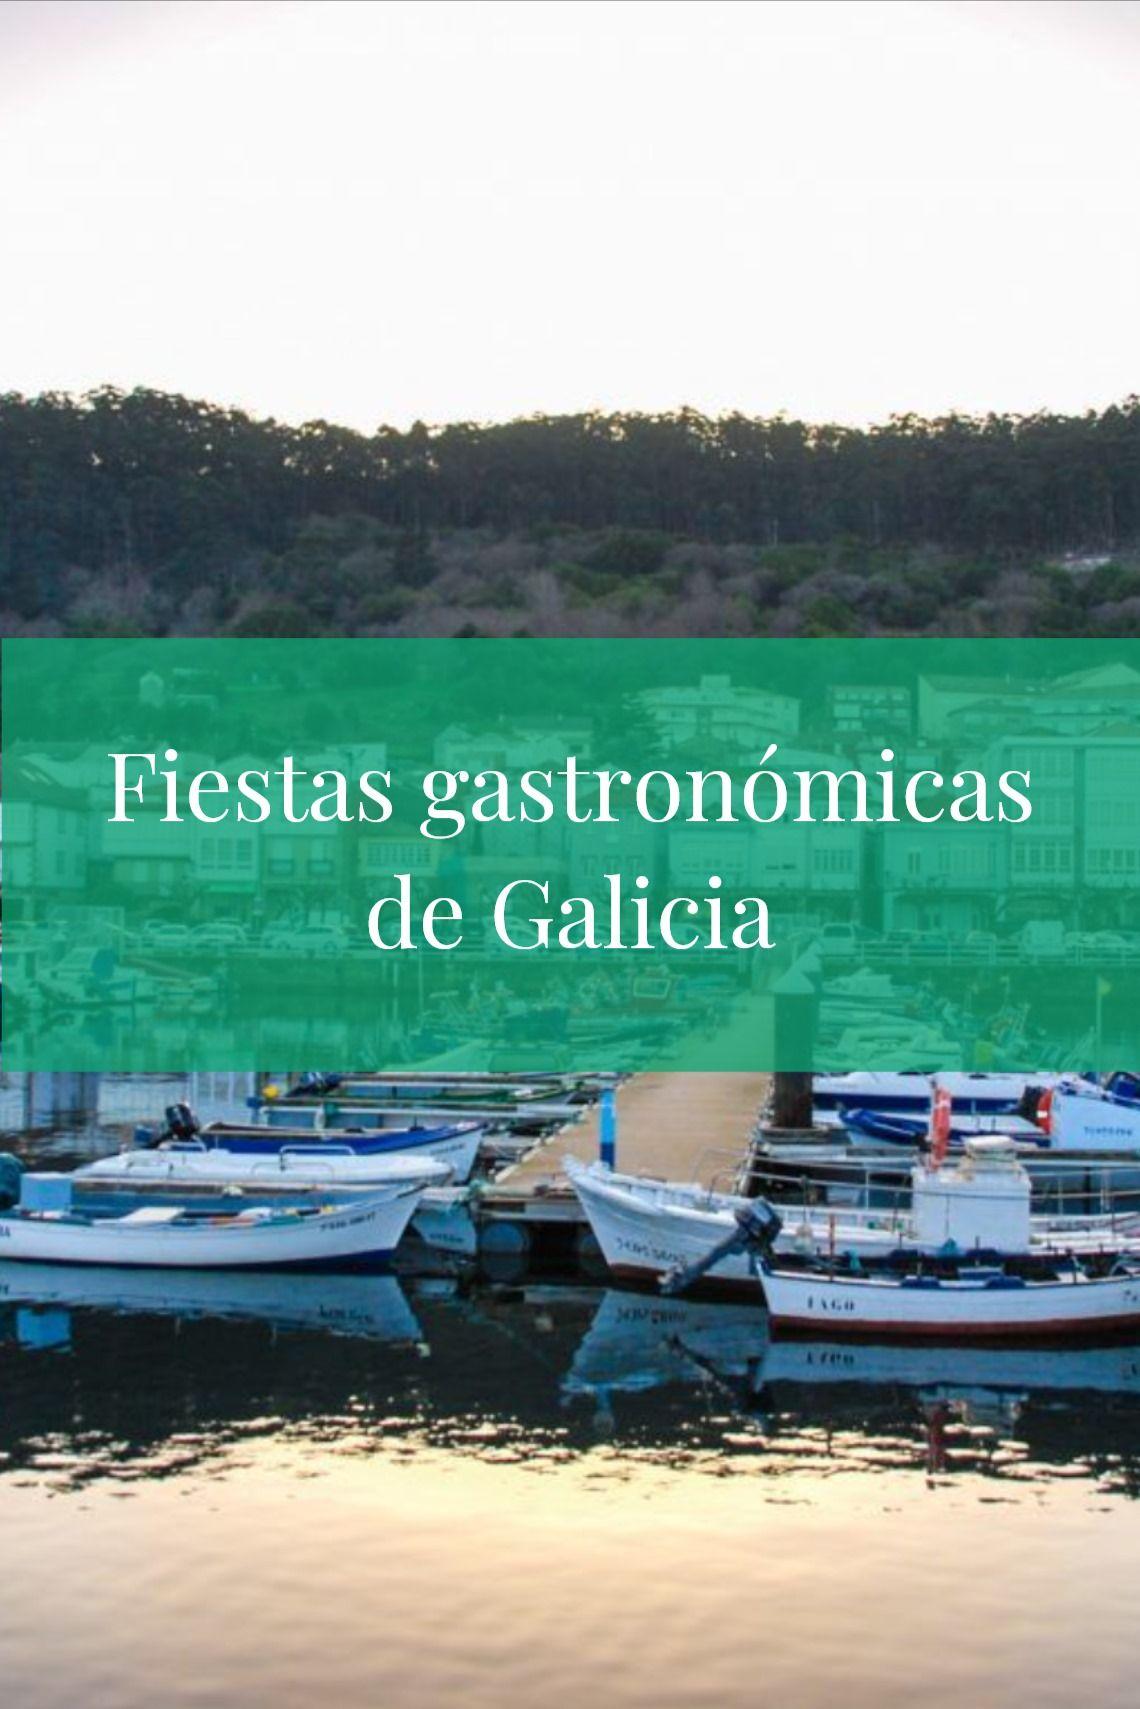 Pin En Todo Sobre Galicia